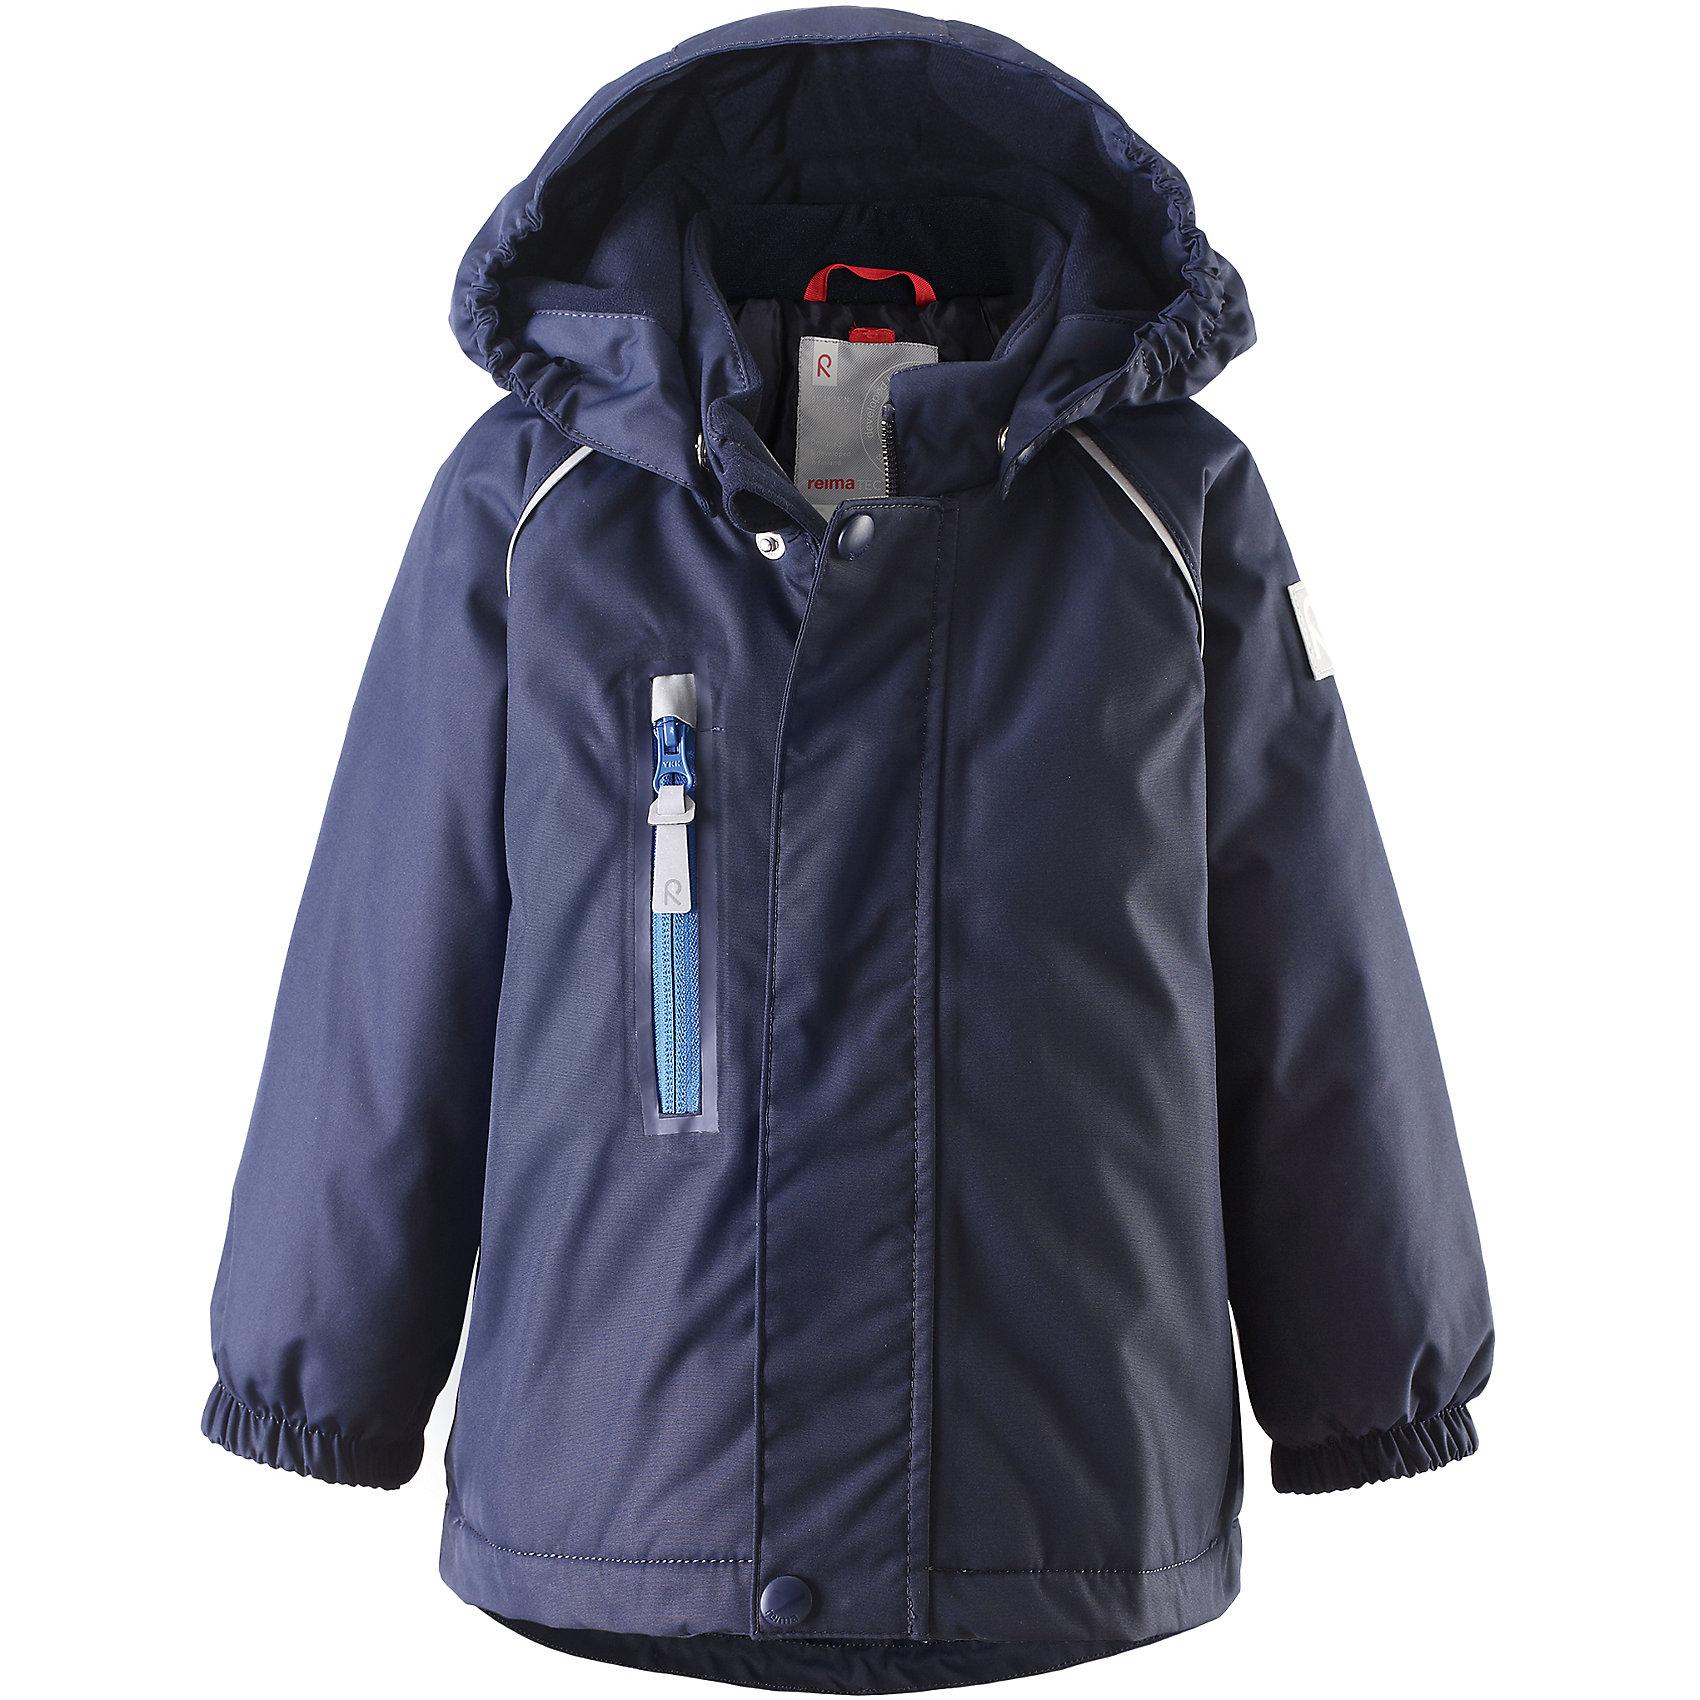 Куртка Pesue для девочки Reimatec® ReimaХарактеристики товара:<br><br>• цвет: синий<br>• состав: 100% полиэстер, полиуретановое покрытие<br>• температурный режим: 0° до -20° градусов<br>• утеплитель: Reima Comfort + 160 г<br>• водонепроницаемая мембрана: от 15000 мм<br>• основные швы проклеены<br>• съёмный капюшон<br>• молния<br>• светоотражающие детали<br>• «дышащий» материал<br>• ветро- водо- и грязеотталкивающий материал<br>• кнопки Reima® Play Layers <br>• карманы<br>• комфортная посадка<br>• страна производства: Китай<br>• страна бренда: Финляндия<br><br>Верхняя одежда для детей может быть модной и комфортной одновременно! Эти зимняя куртка поможет обеспечить ребенку комфорт и тепло. Она отлично смотрится с различной одеждой и обувью. Изделие удобно сидит и модно выглядит. Стильный дизайн разрабатывался специально для детей. Отличный вариант для активного отдыха зимой!<br><br>Одежда и обувь от финского бренда Reima пользуется популярностью во многих странах. Эти изделия стильные, качественные и удобные. Для производства продукции используются только безопасные, проверенные материалы и фурнитура. Порадуйте ребенка модными и красивыми вещами от Reima! <br><br>Куртку Pesue для девочки от финского бренда Reimatec® Reima (Рейма) можно купить в нашем интернет-магазине.<br><br>Ширина мм: 356<br>Глубина мм: 10<br>Высота мм: 245<br>Вес г: 519<br>Цвет: синий<br>Возраст от месяцев: 24<br>Возраст до месяцев: 36<br>Пол: Унисекс<br>Возраст: Детский<br>Размер: 98,80,86,92<br>SKU: 5415440